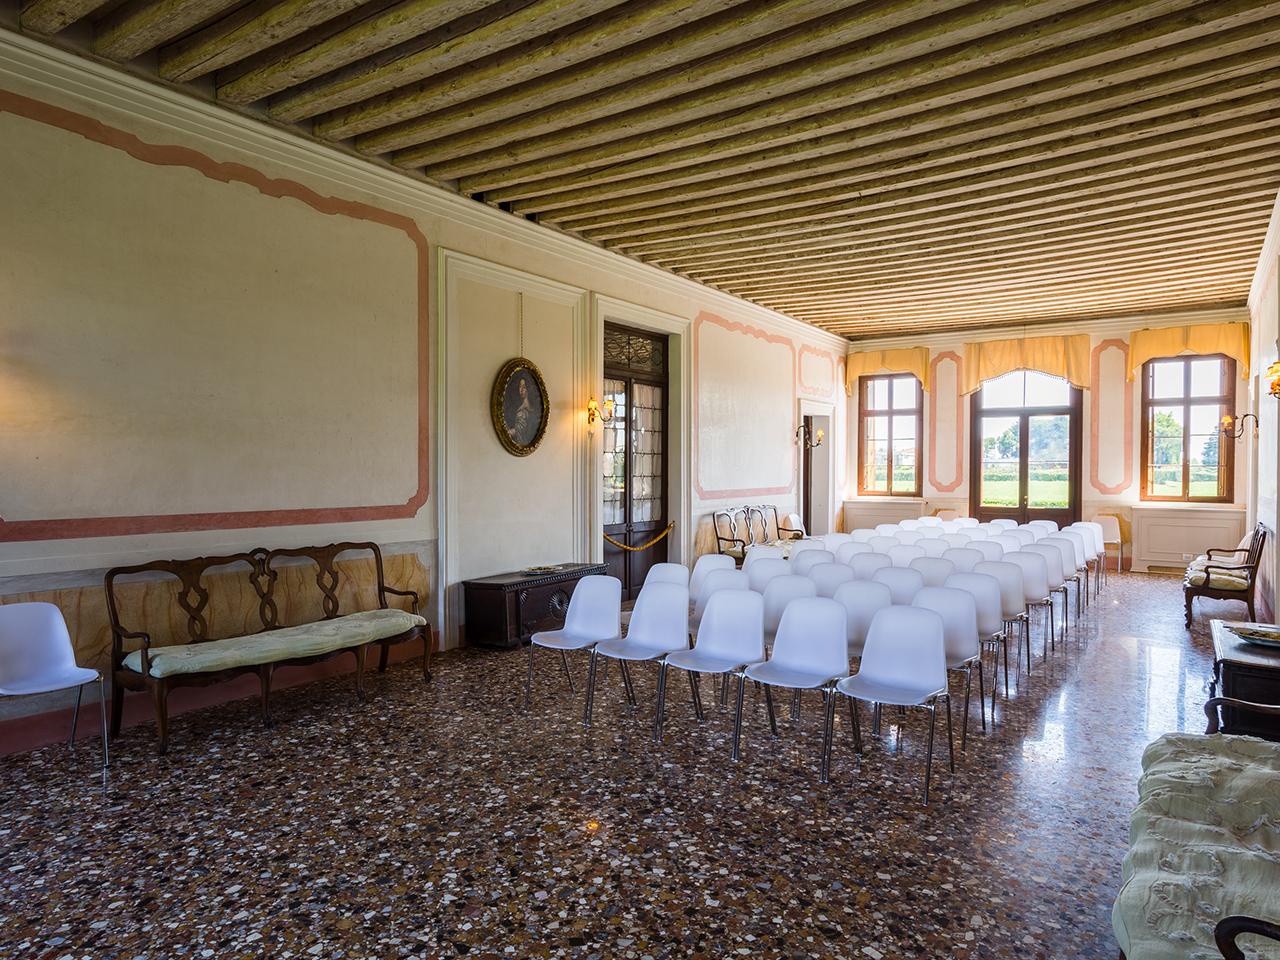 Sale Riunioni Padova : Location per servizi fotografici convegni e congressi a padova